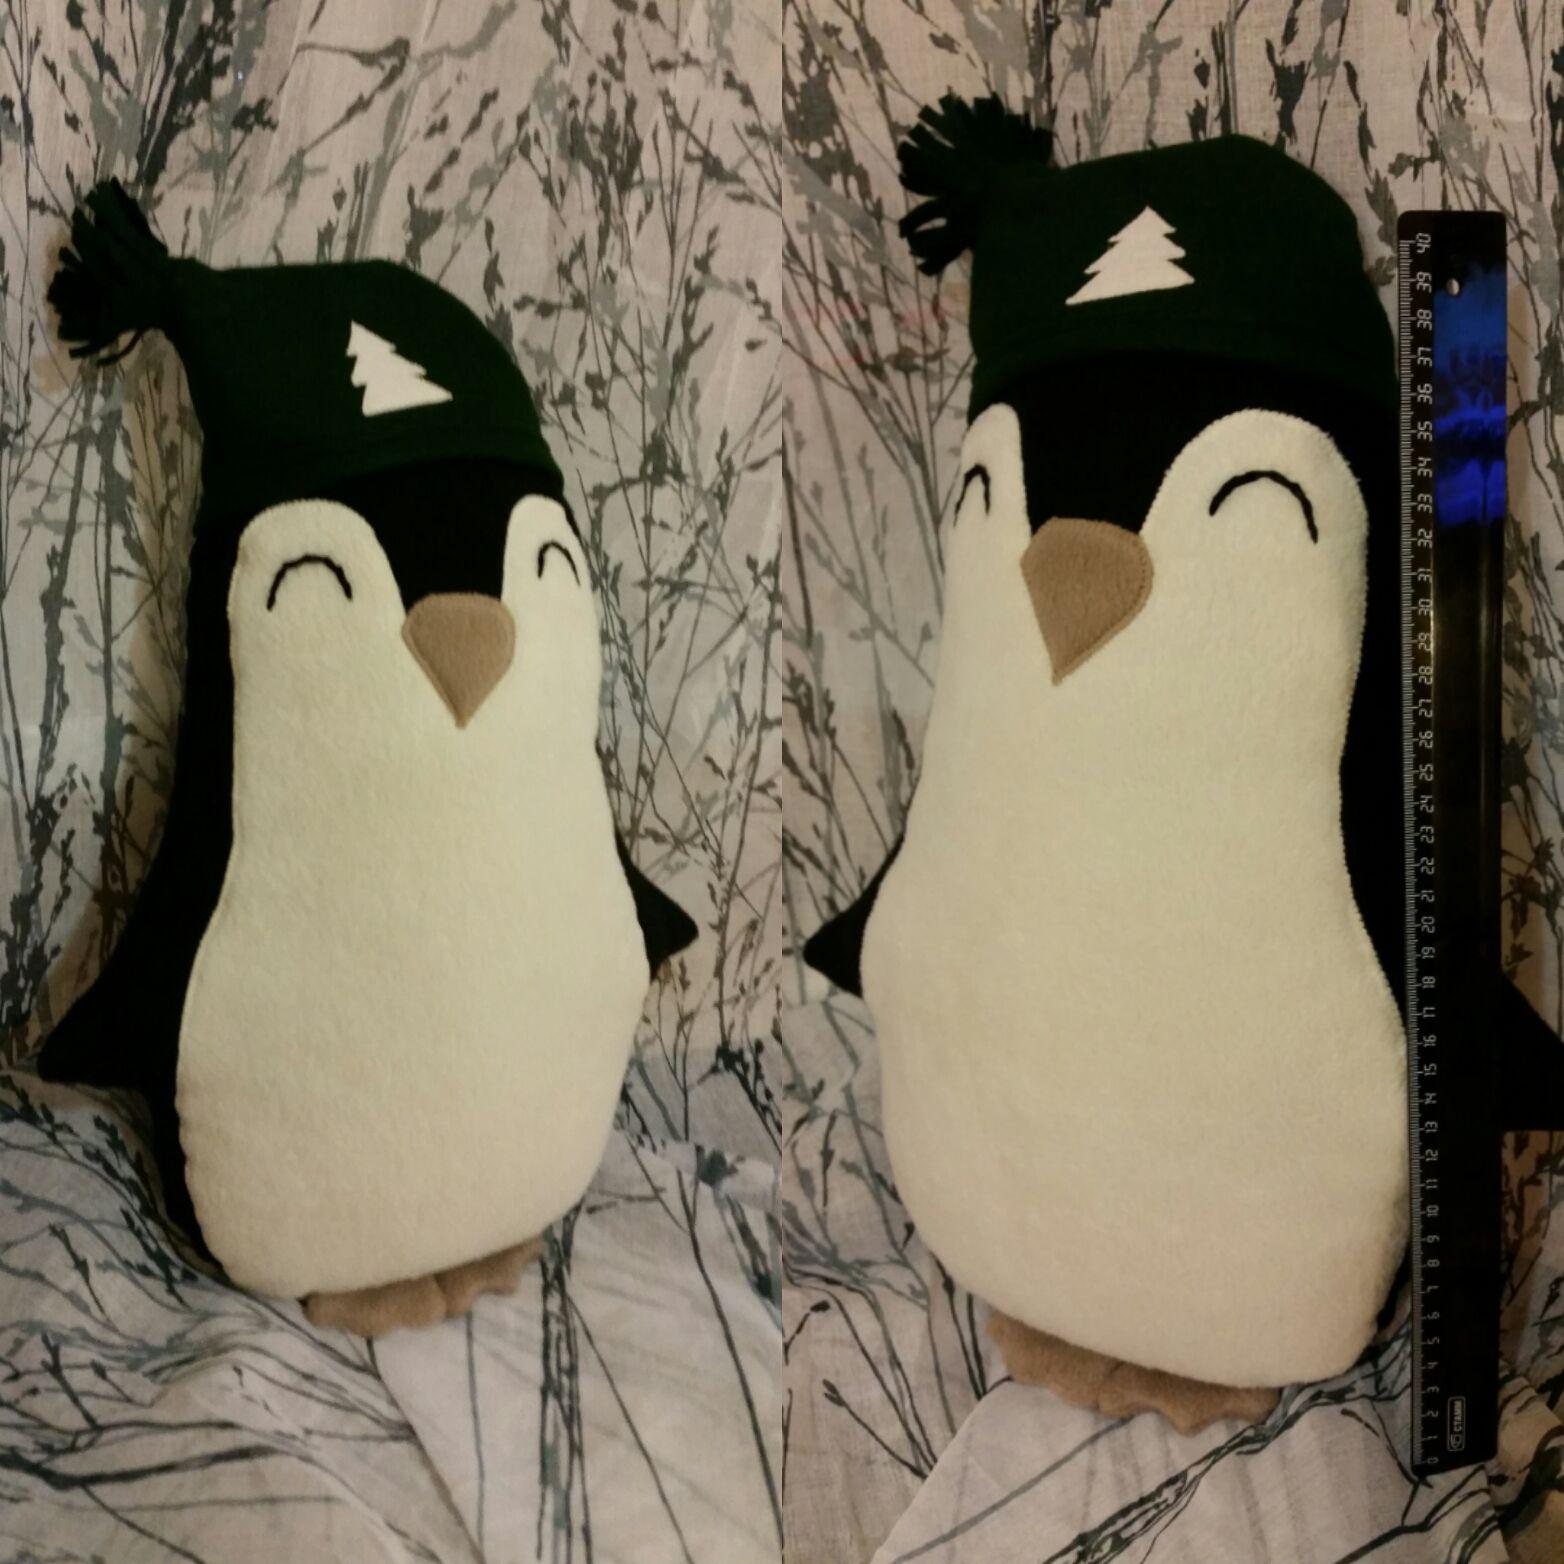 подушки игрушки anavhandmadepresents флис длядома новыйгод рождество счастье уют пингвин тепло детям подарки